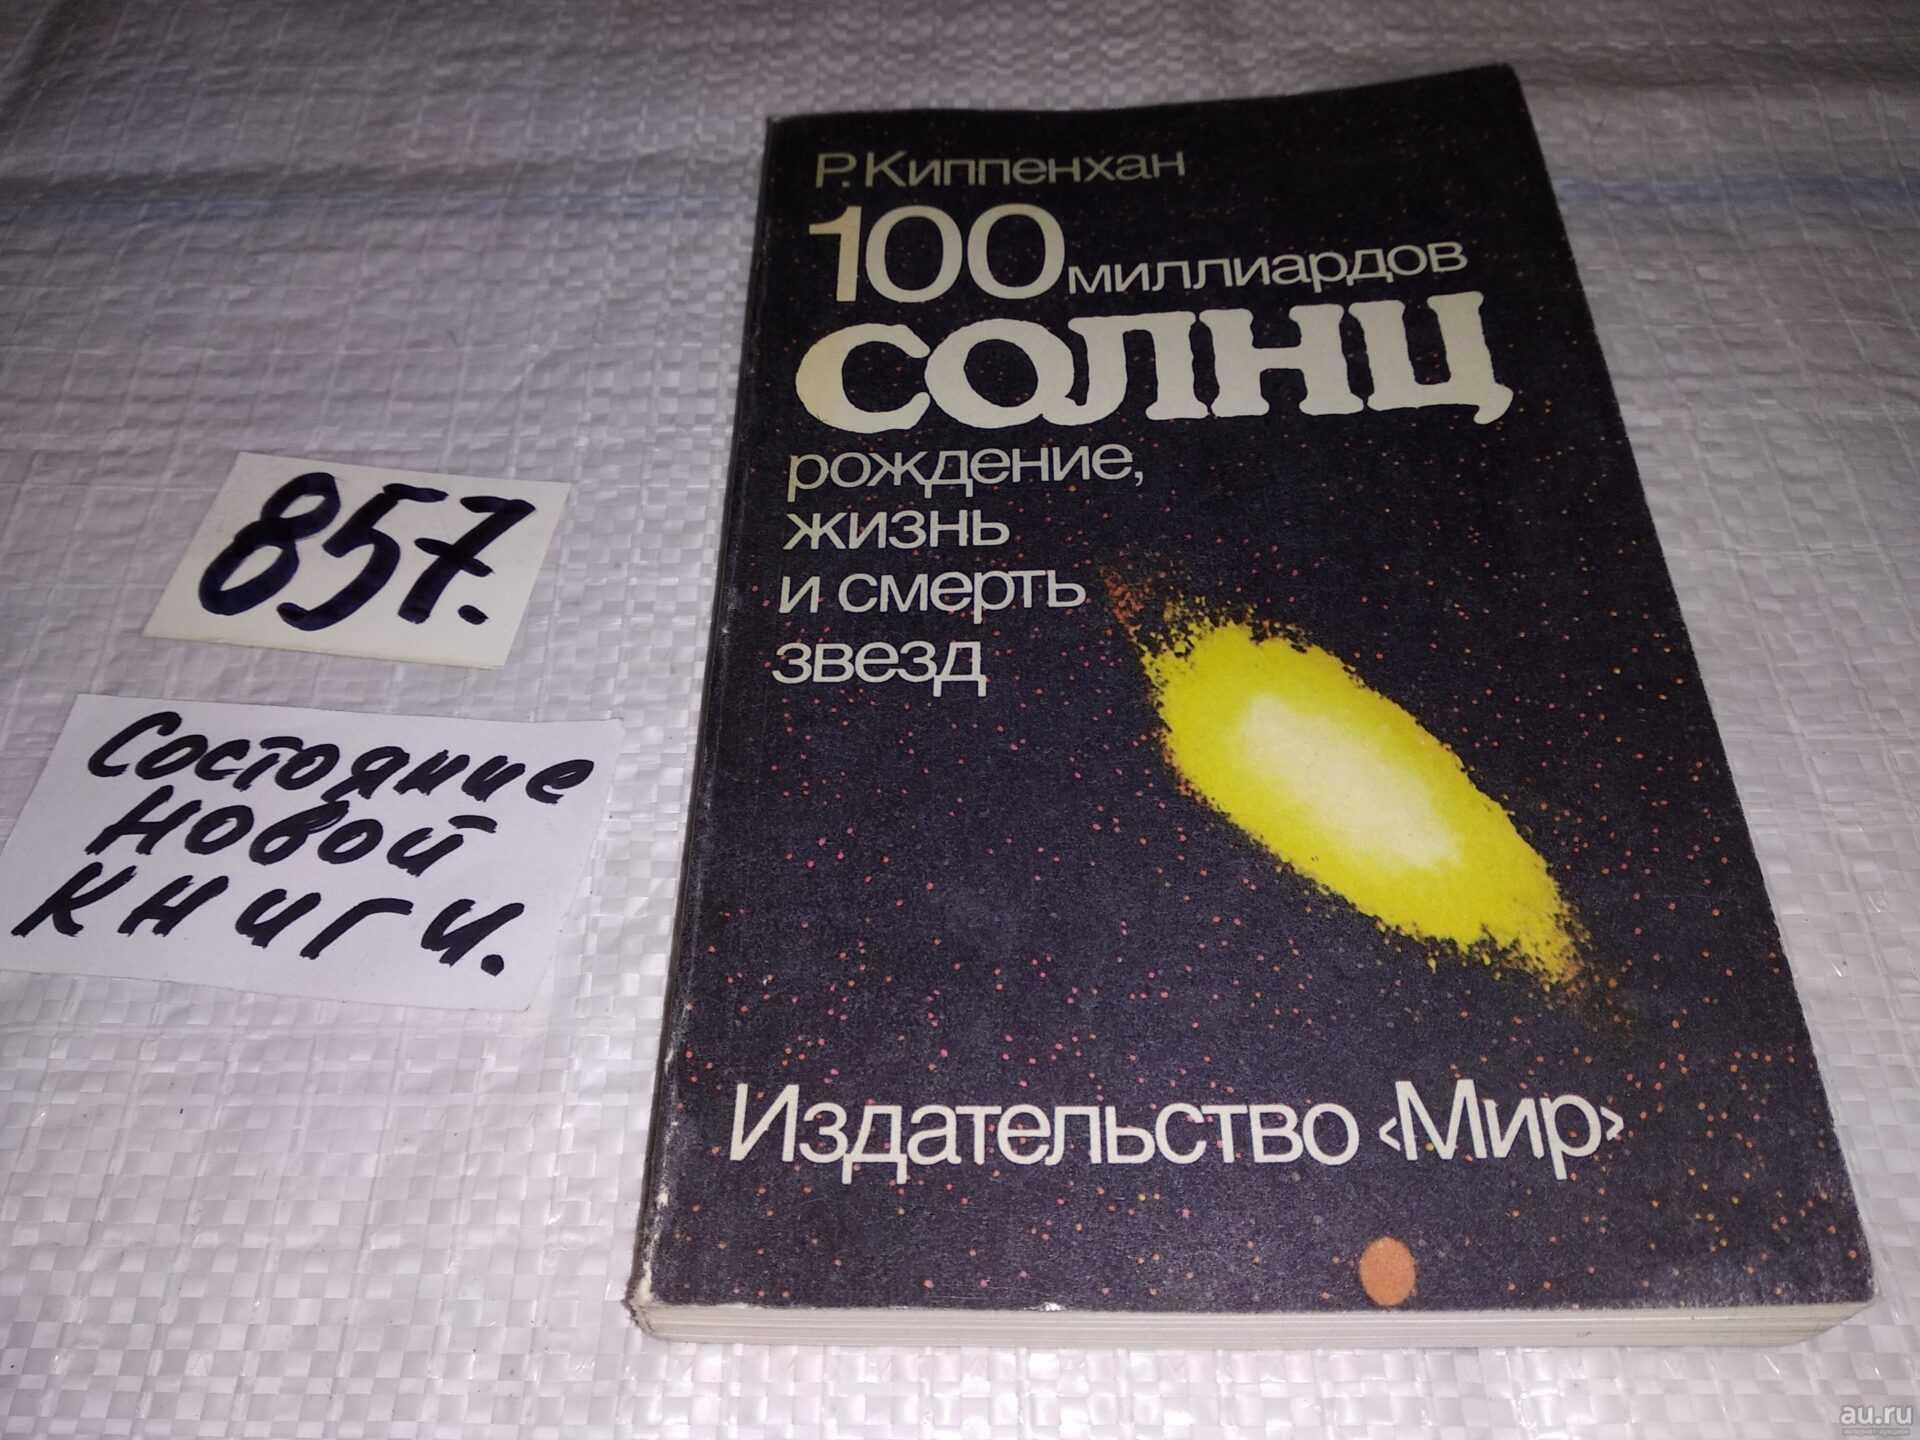 Рудольф Киппенхан: самые интересные книги о космосе